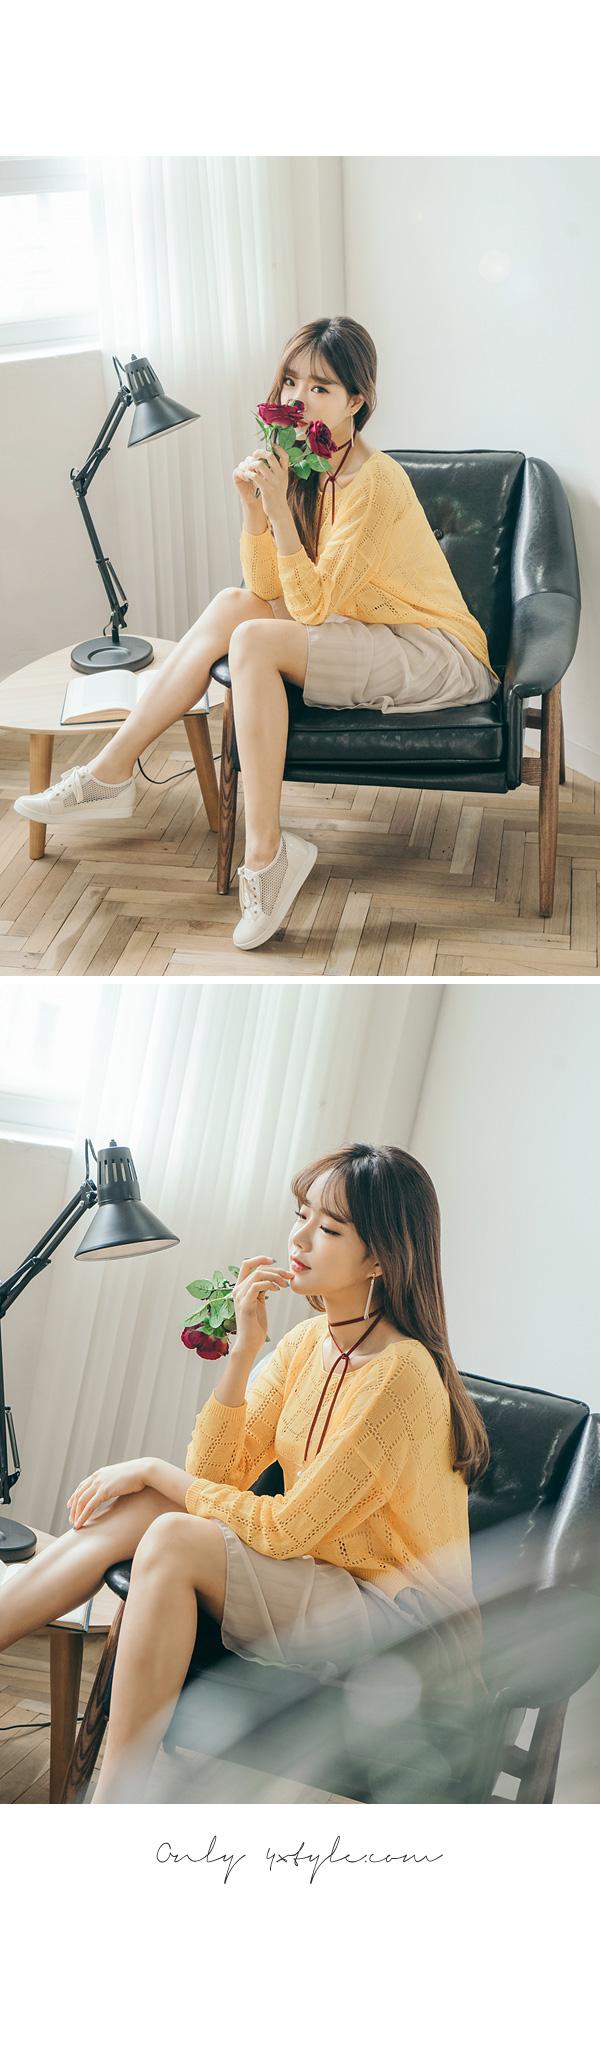 [ 4xtyle ] [4xstyle]shiny stick necklace